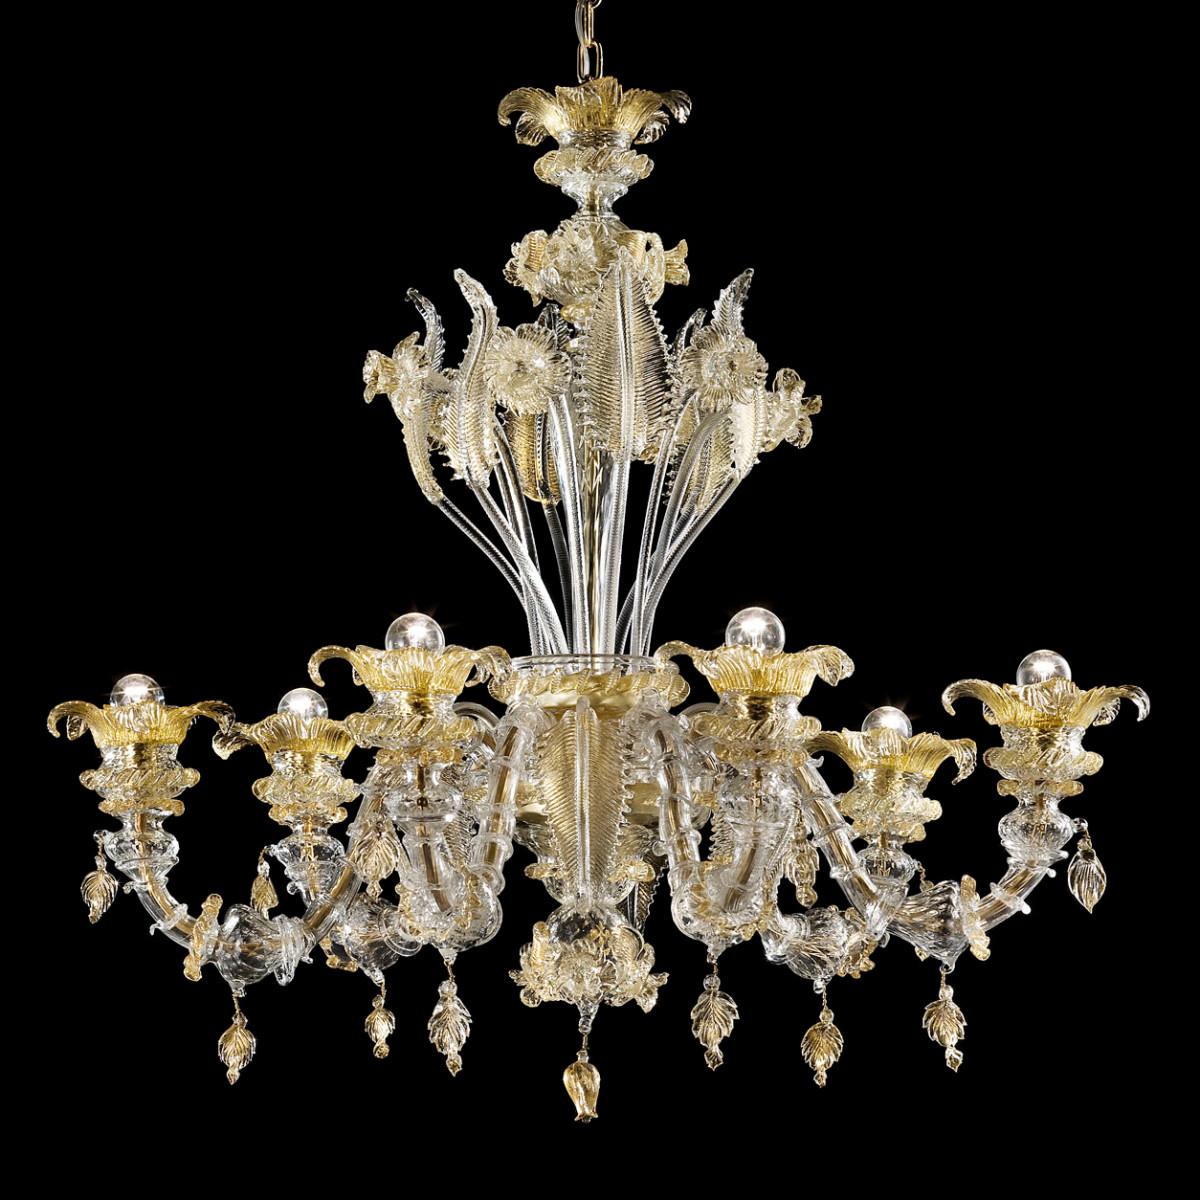 Prezioso lustre en verre Murano 6 lumières - couleur transparent or